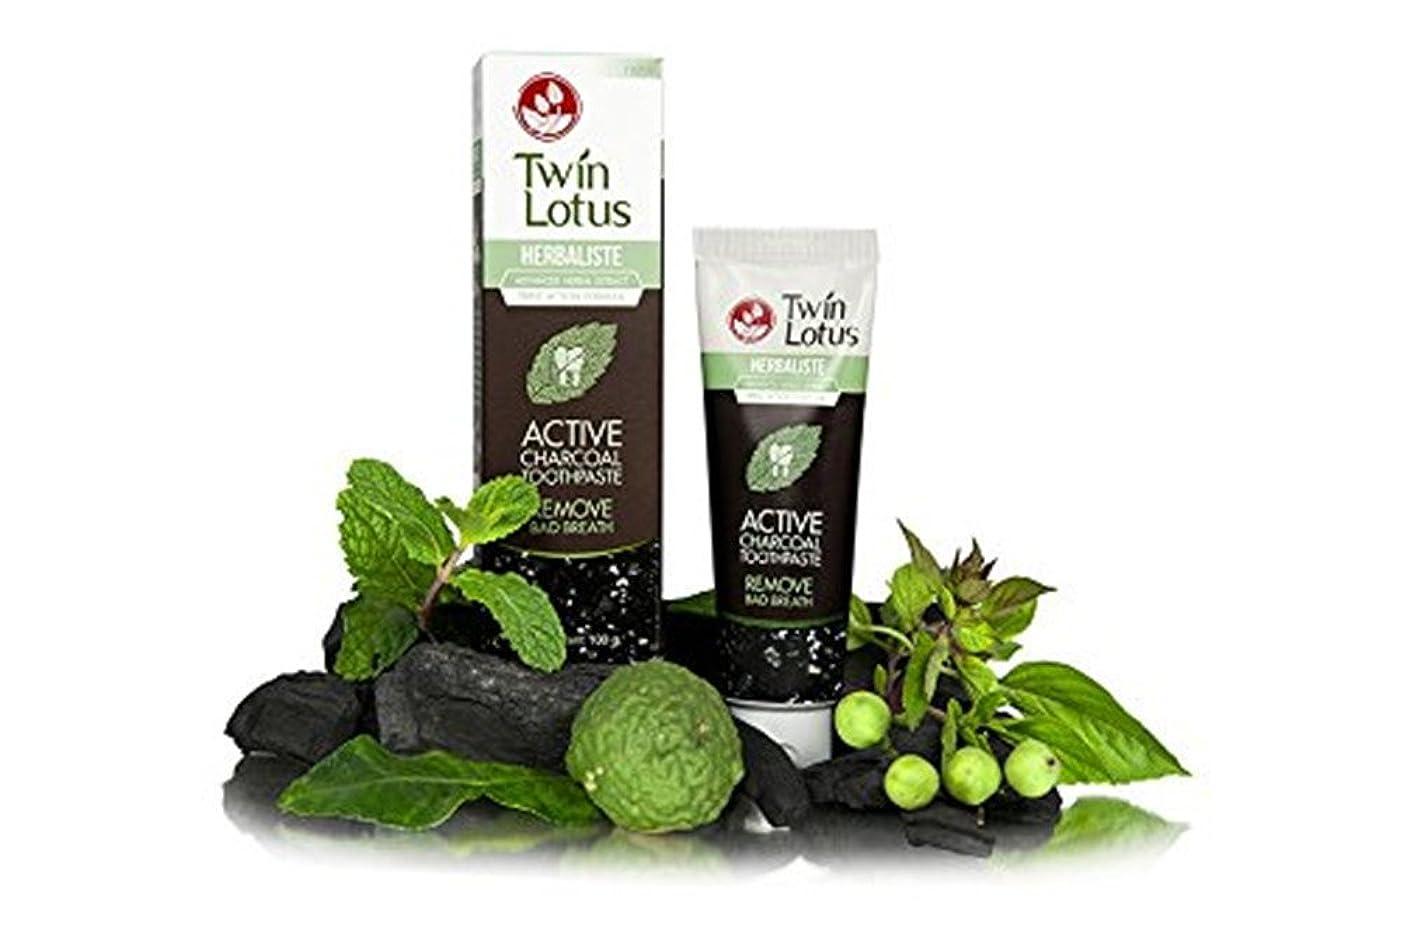 ジャケット従者注入する練り歯磨き ハーブ 2 x 150g Twin Lotus Herbaliste Active Charcoal Advanced Herbal Extract Triple Action Formula Toothpaste.